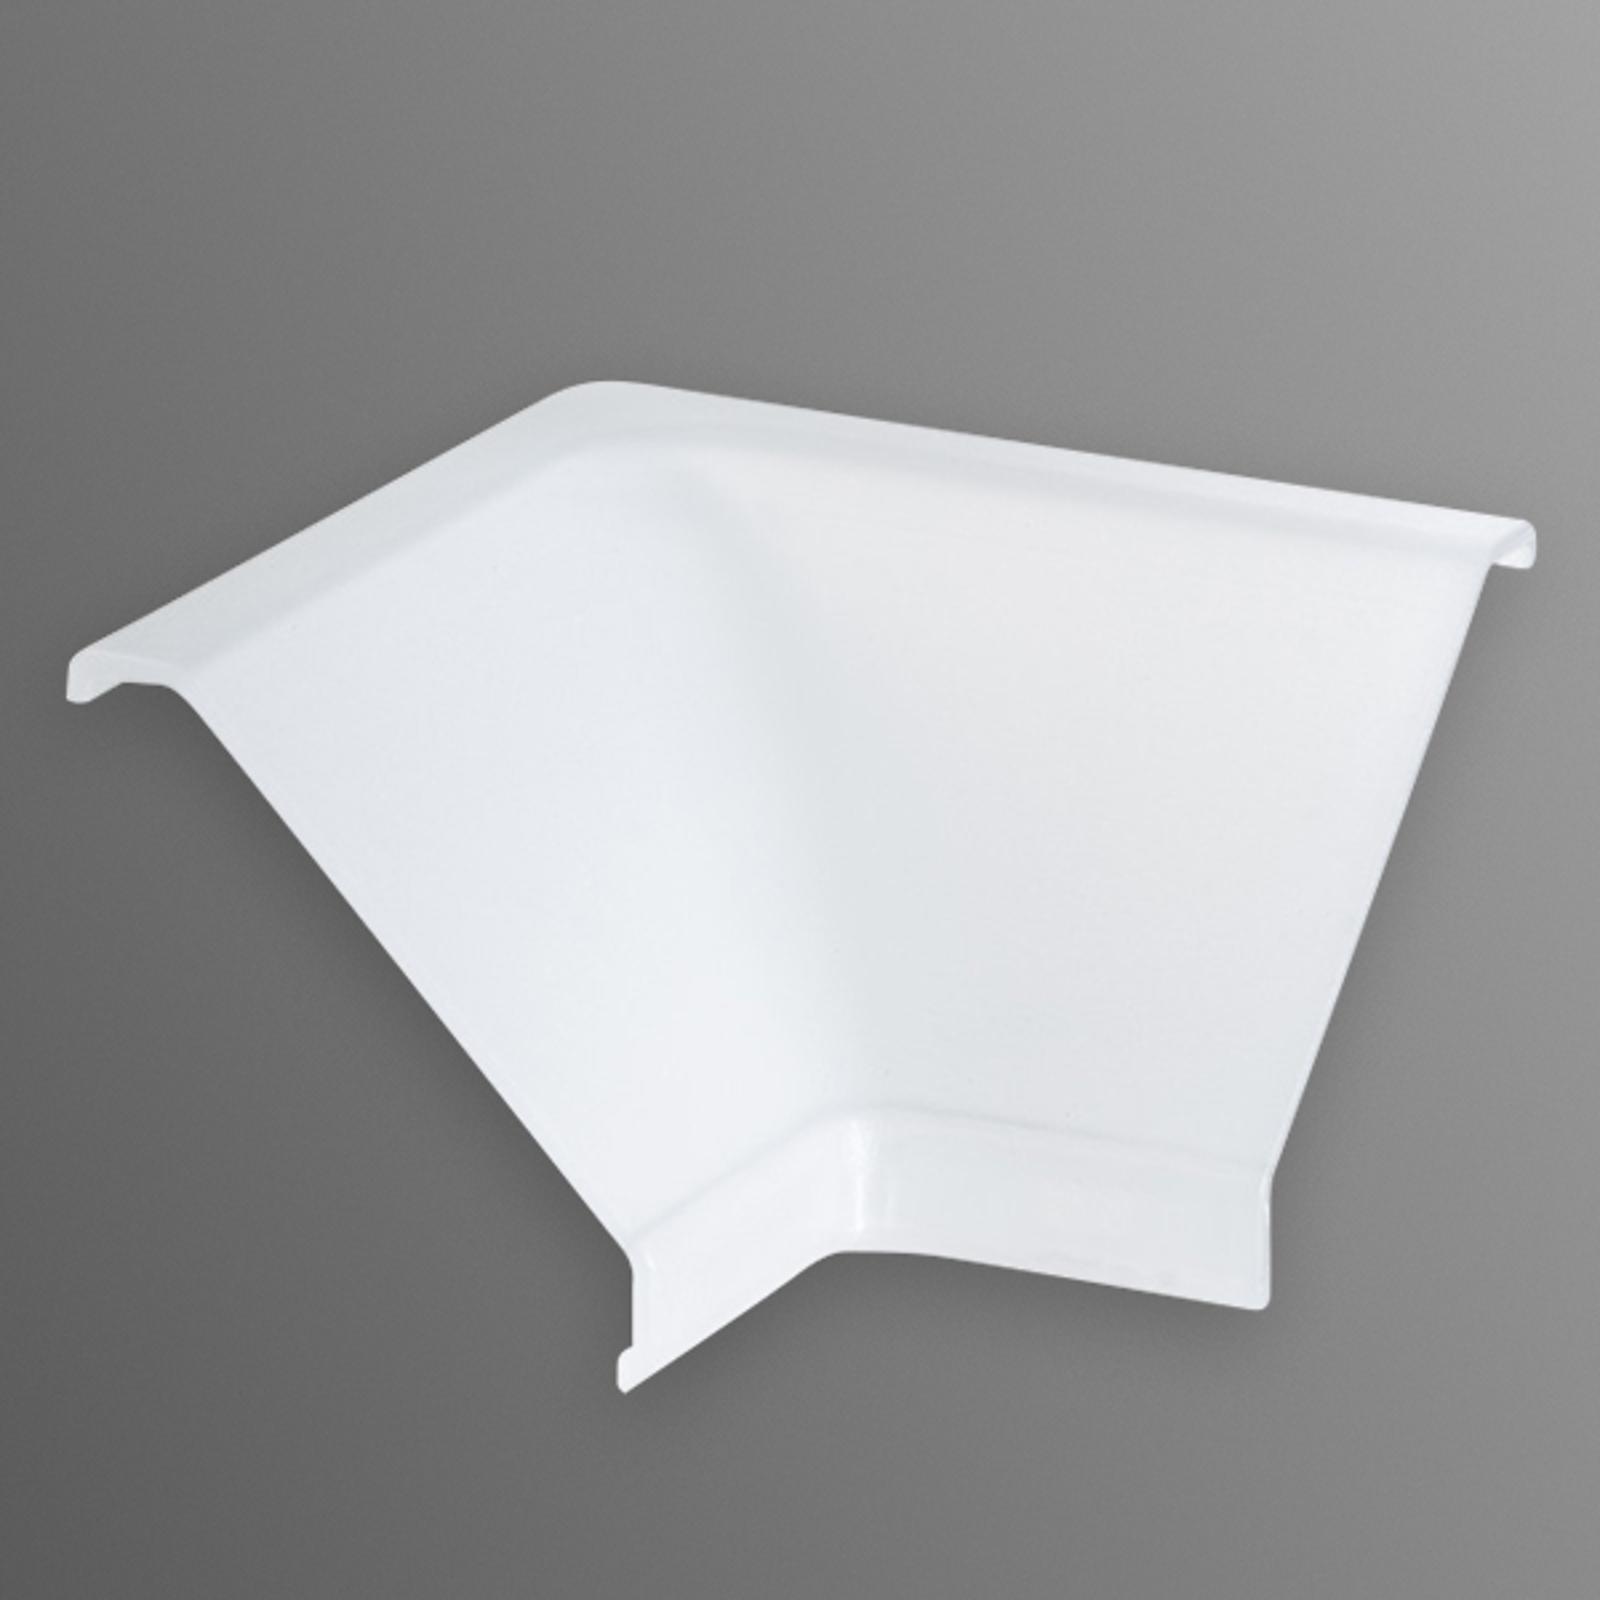 Paulmann Delta Profil Innenecke für LED-Strip 2er